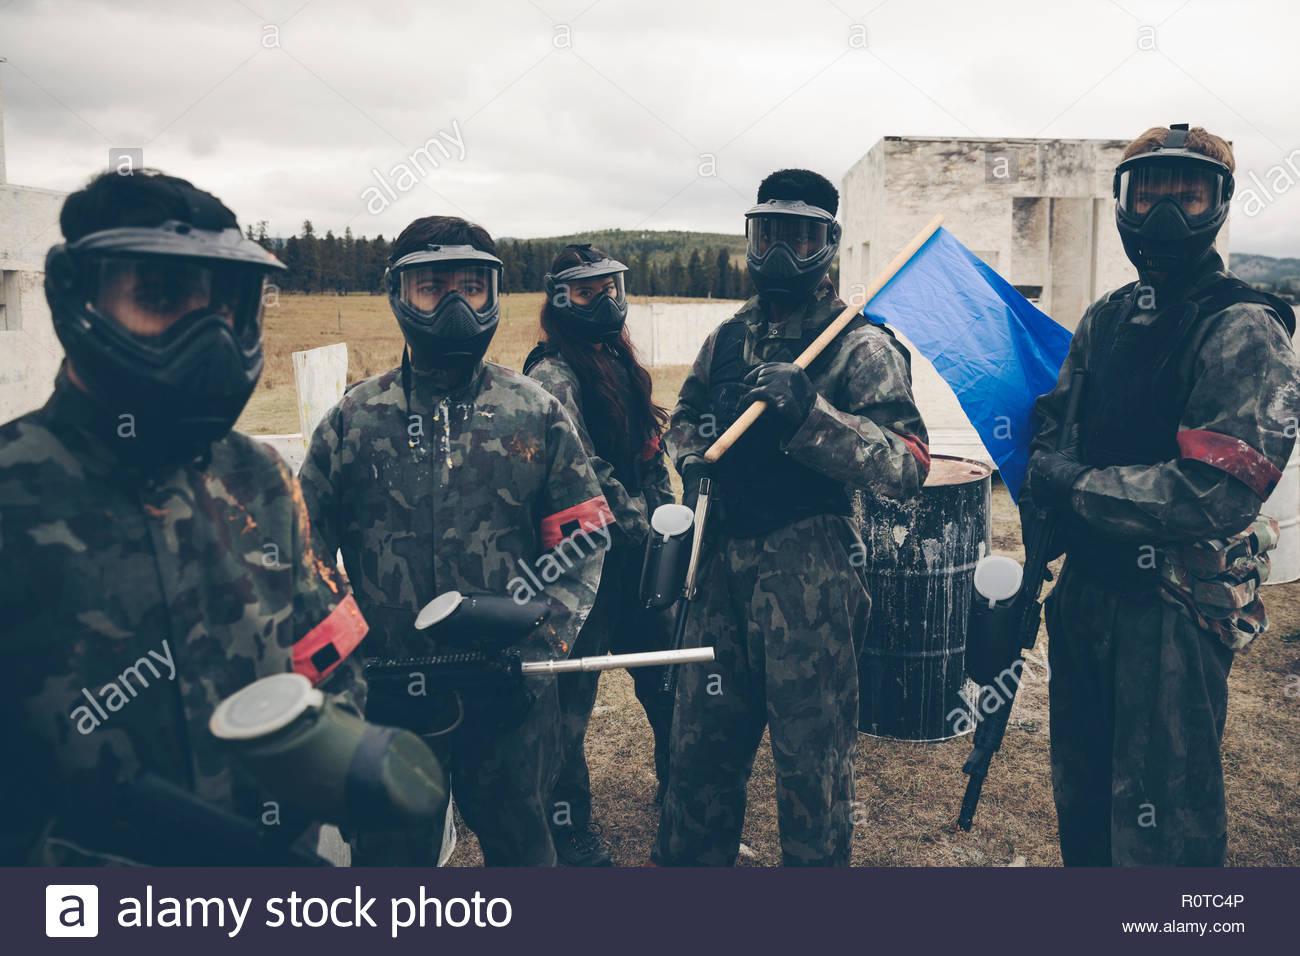 Retrato paintball team con bandera azul Imagen De Stock